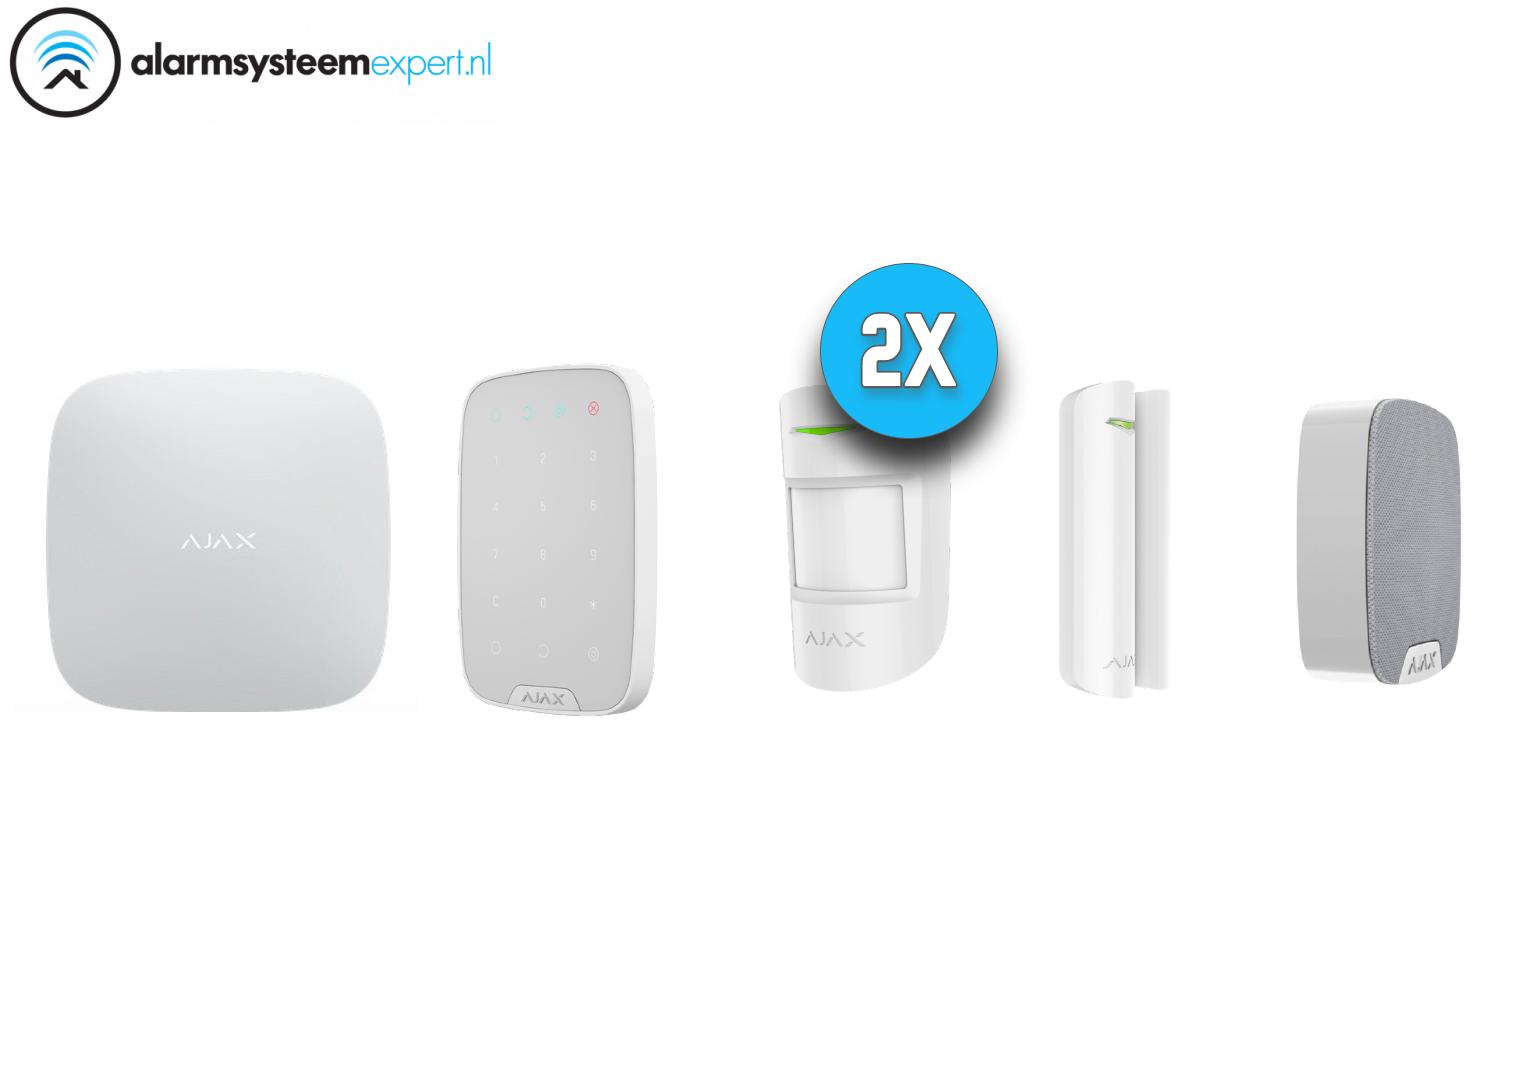 Ajax alarmsysteem kit kunt u gebruiken als basis voor het draadloze Ajax beveiligingssysteem.